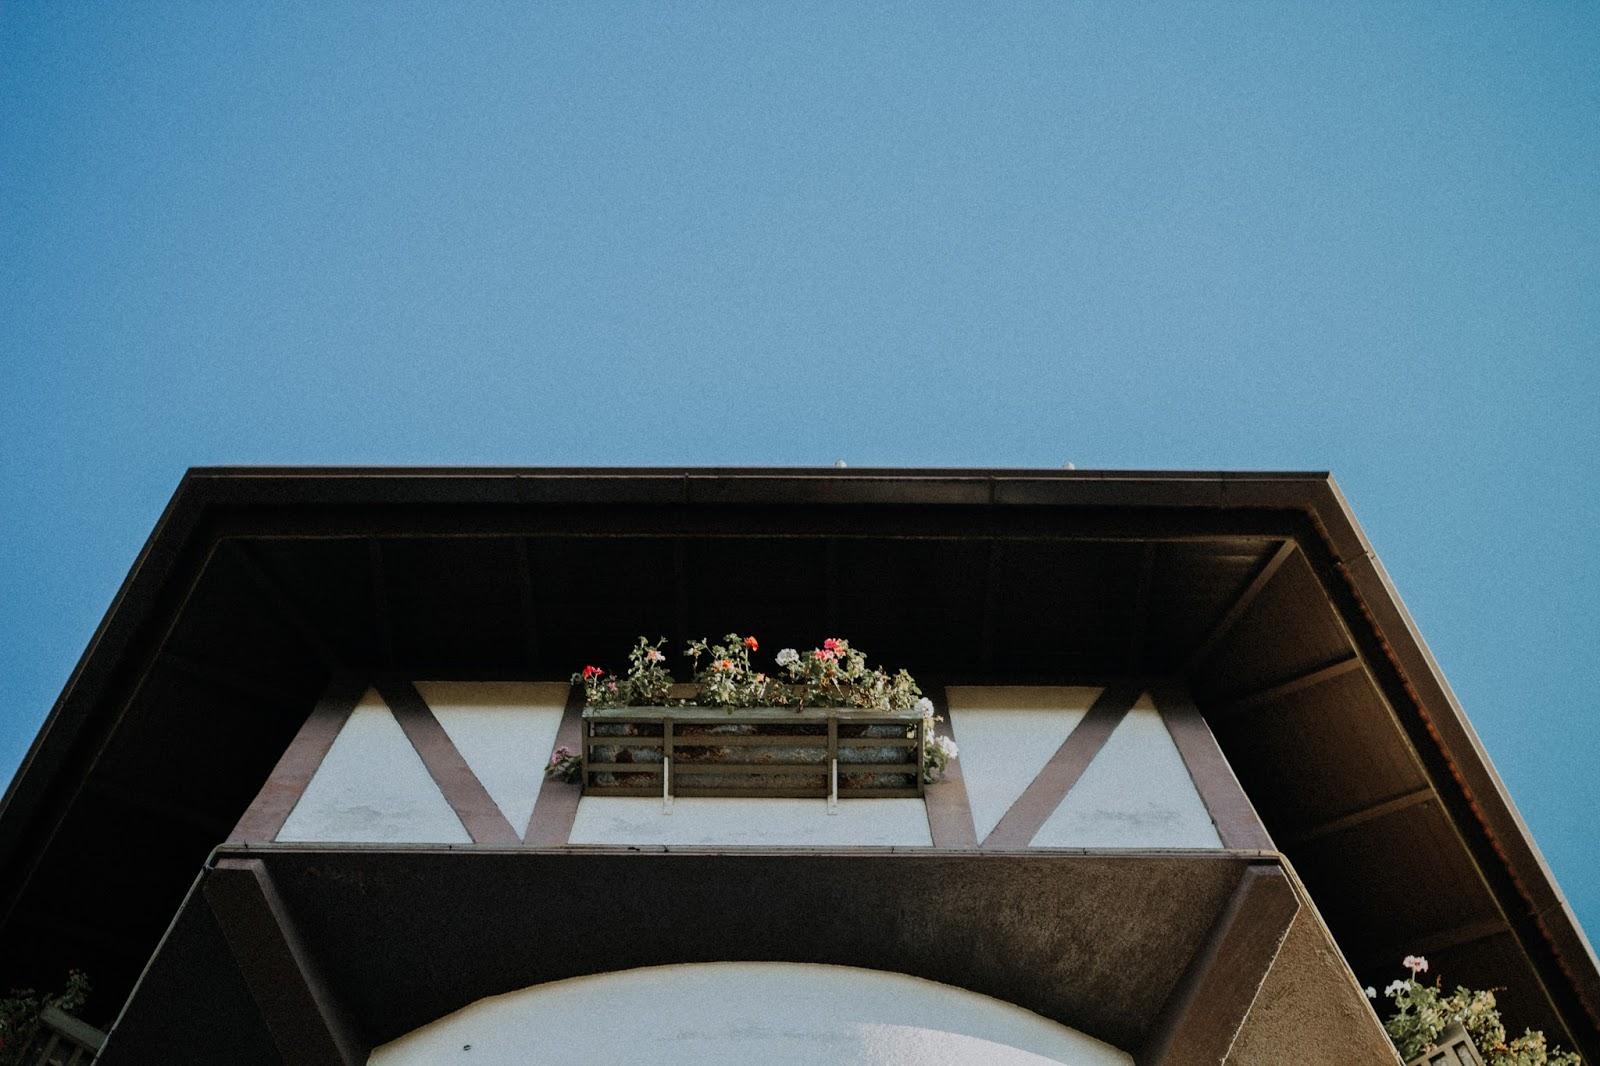 Serra Gaúcha: Um pouquinho de Nova Petrópolis - Essas fotos acima foram feitas logo na entrada da cidade, na Central de Informações Turísticas logo no pórtico de Nova Petrópolis.  Essa torre tem um estilo medieval, é aberta ao público e oferece informações sobre a cidade. Quem tiver um tempo para parar um pouco por lá, não pode deixar de subir a escadaria para o topo da torre - são 80 degraus, que levam ao topo da torre de 25 metros de altura. Mas, como era logo cedo, nós não entramos, mas deve ser bem legal a vista da cidade lá de cima da torre .